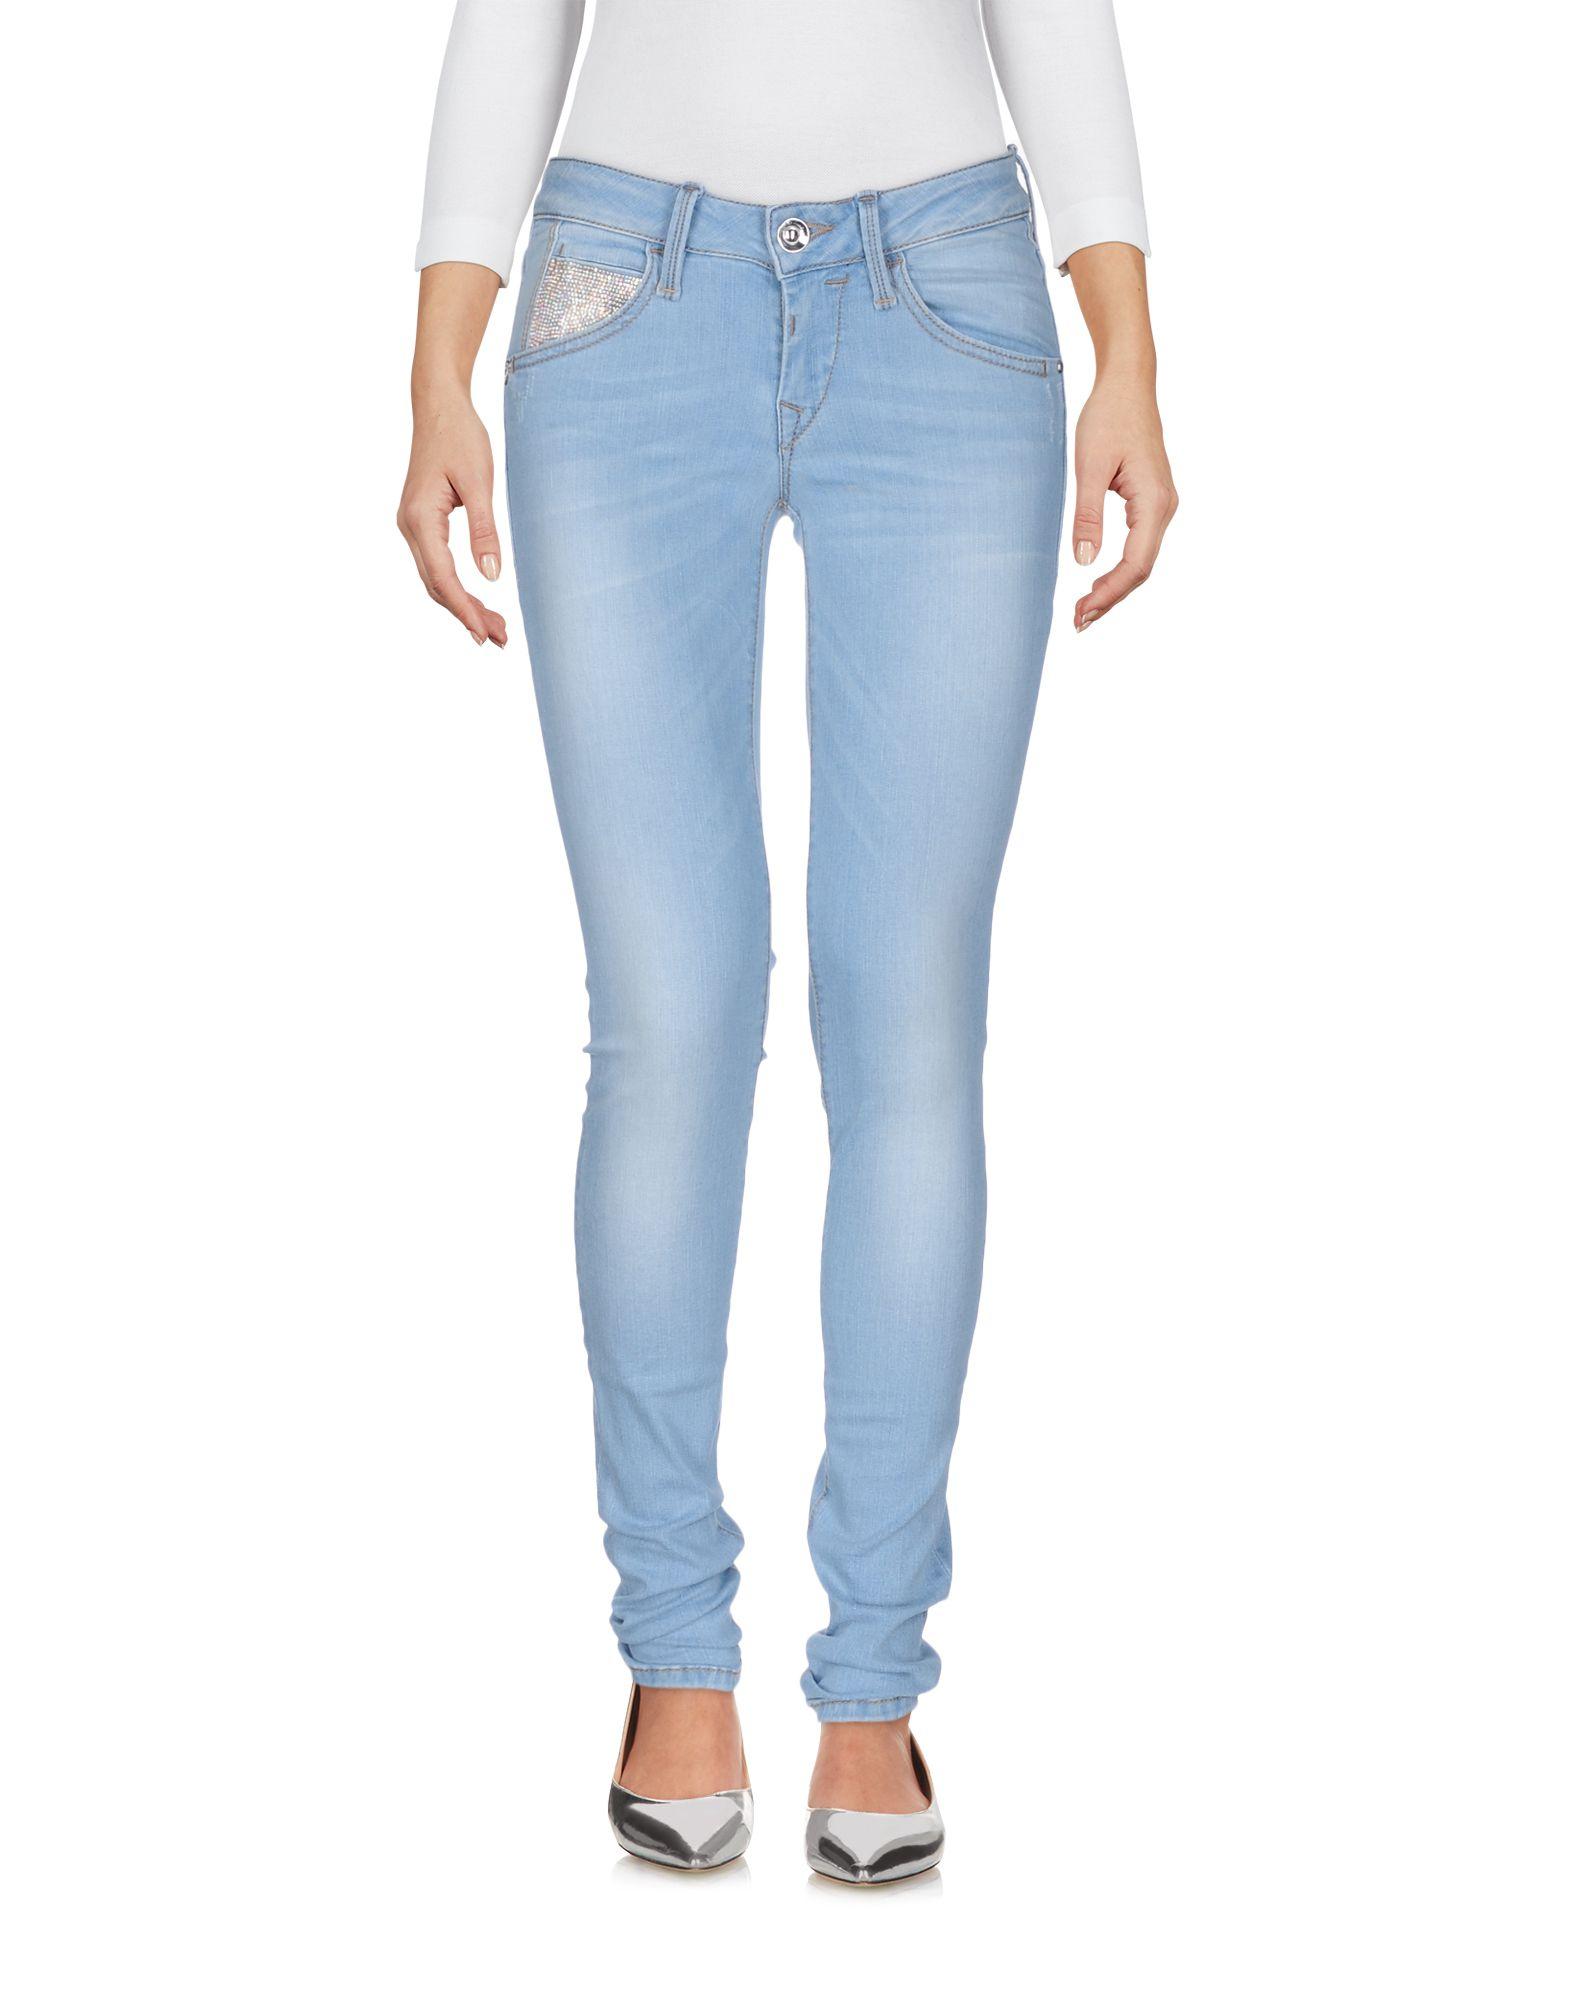 ФОТО fornarina джинсовые брюки